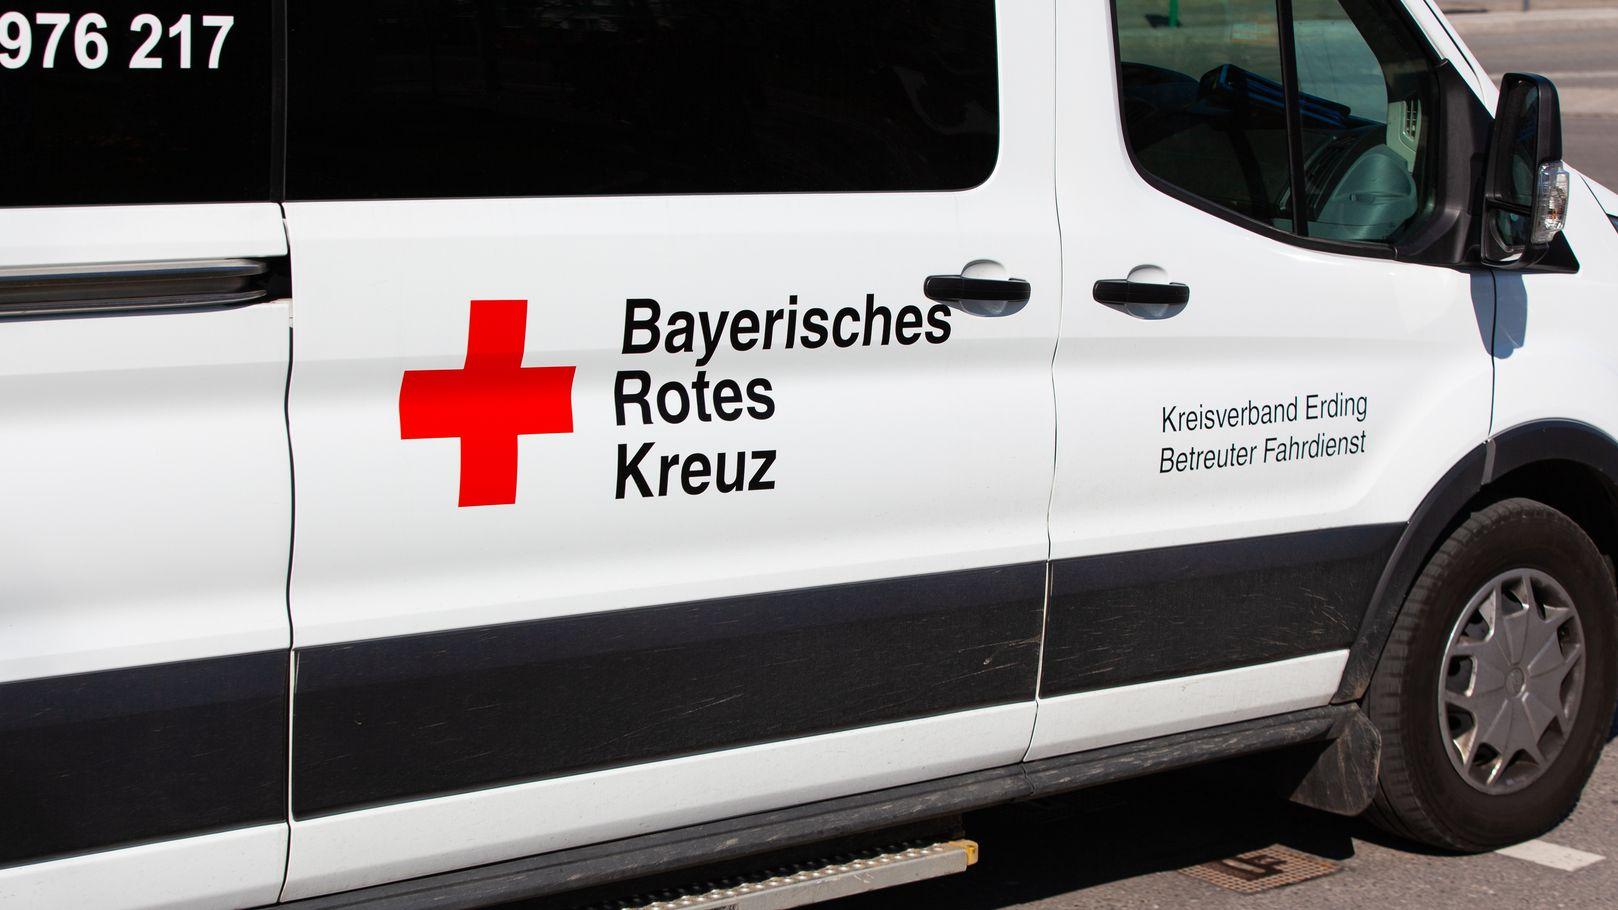 Zwölf Fahrzeuge des Bayerischen Roten Kreuzes sind für den Einsatz mit hochinfektiösen Patienten spezialisiert.